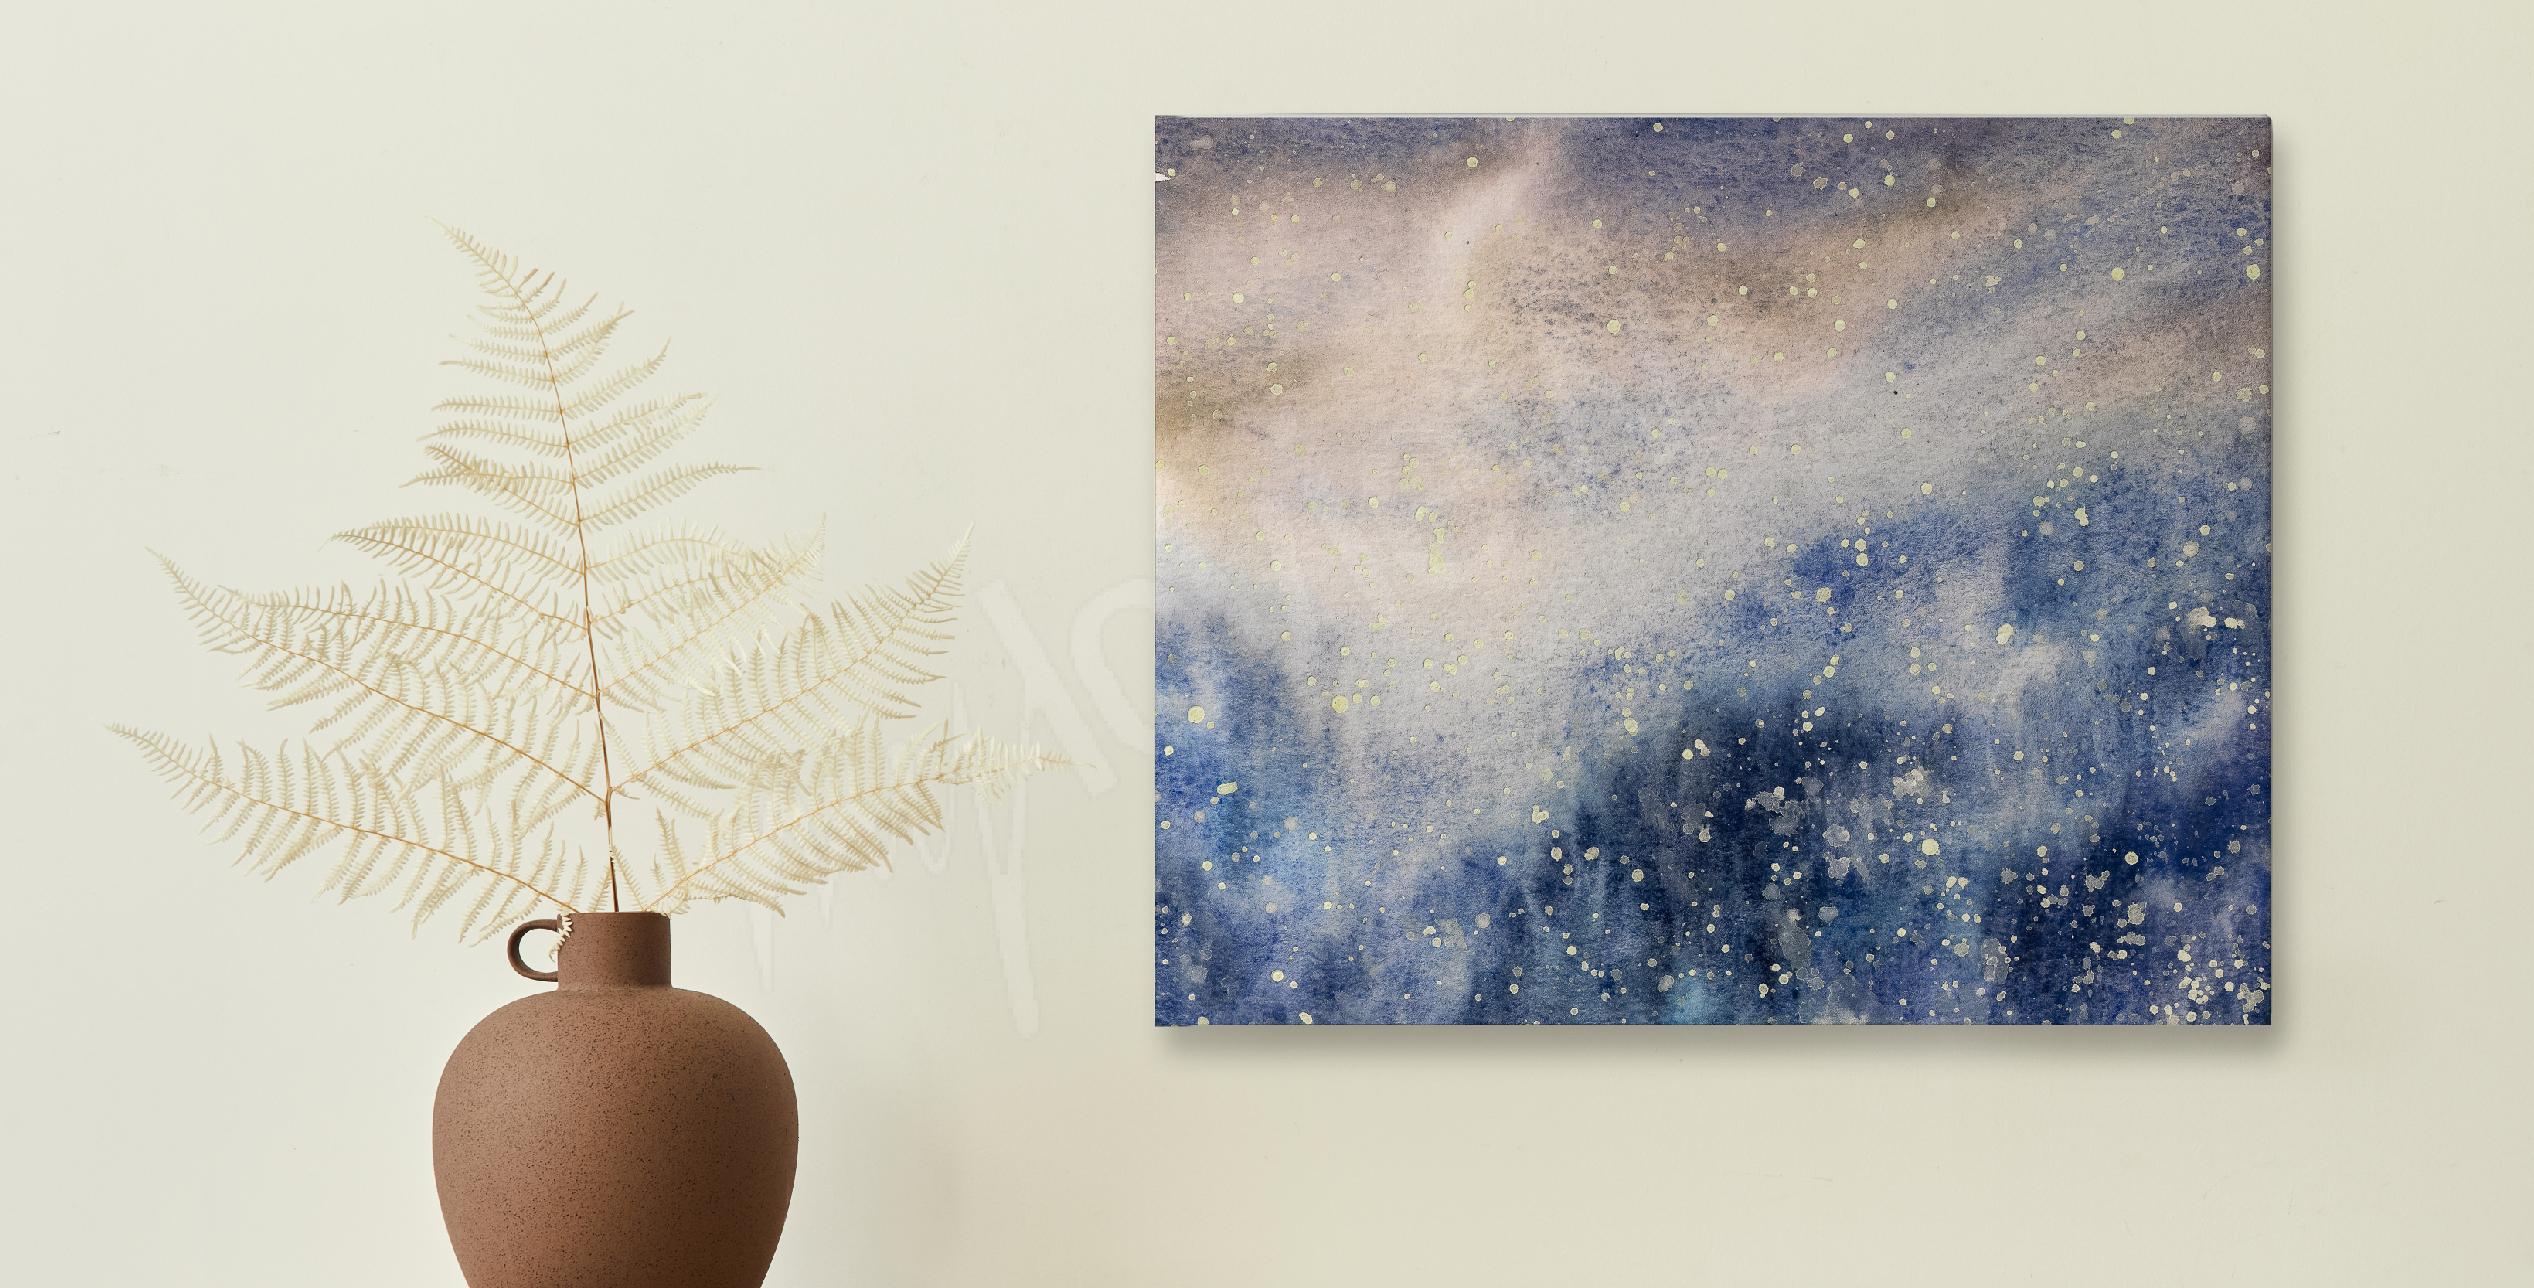 Image aquarelle et texture de neige